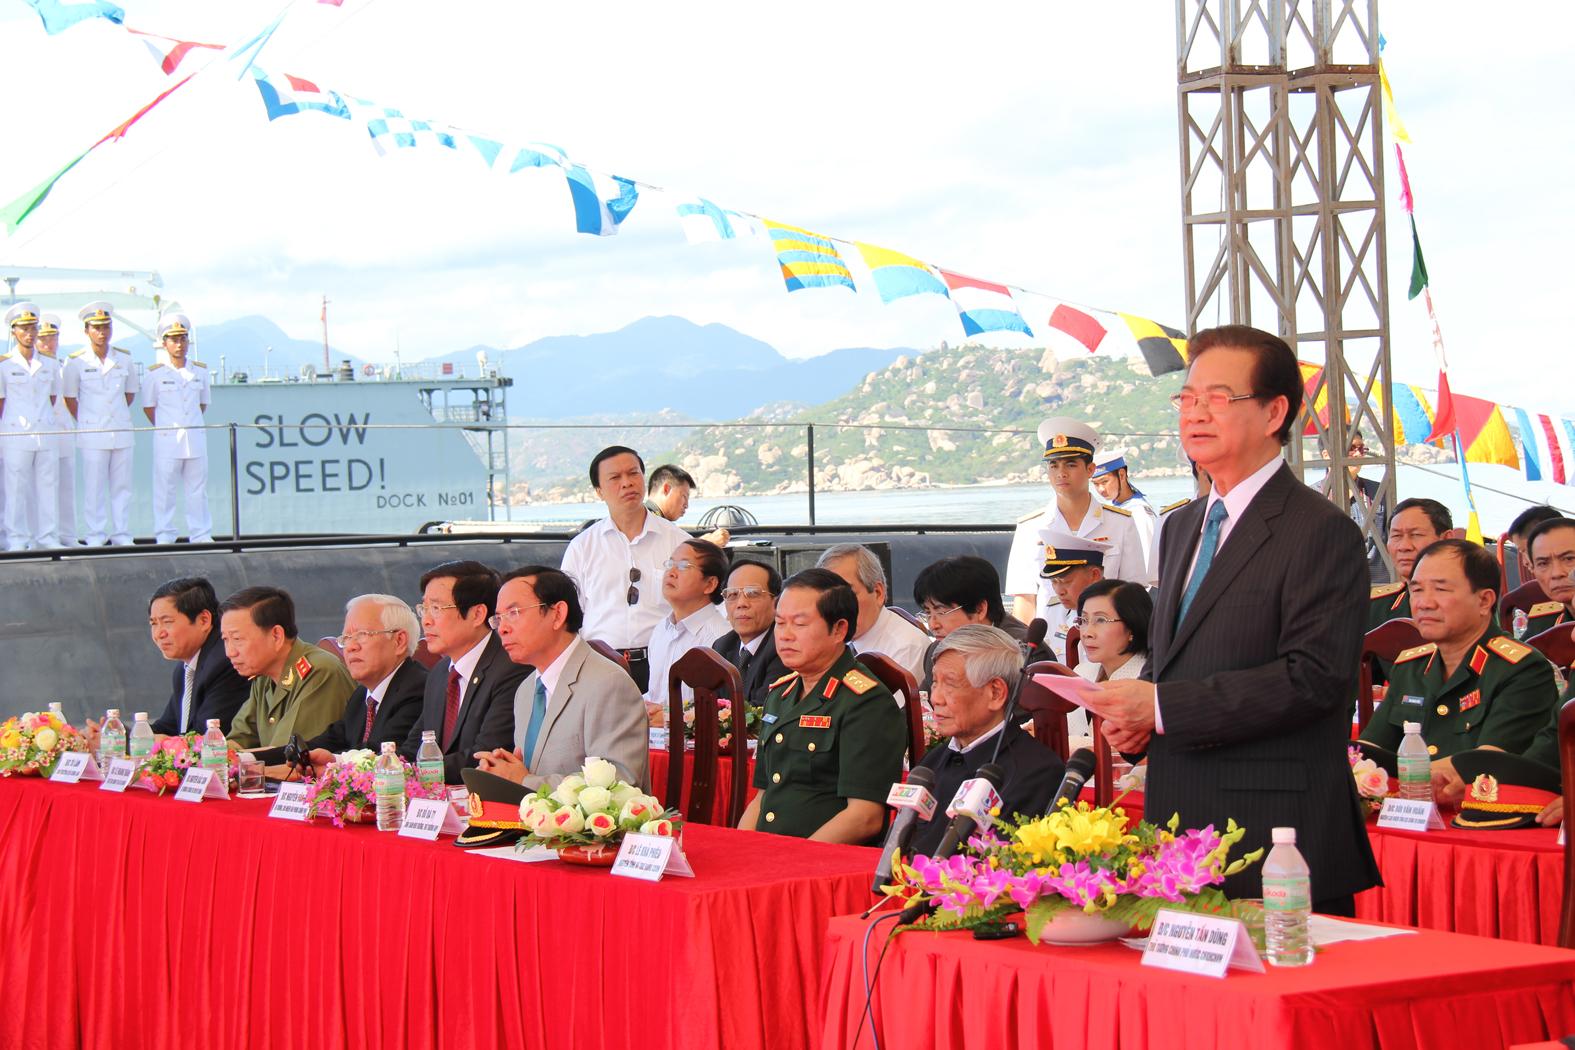 Thủ tướng Nguyễn Tấn Dũng phát biểu tại buổi lễ thượng cờ